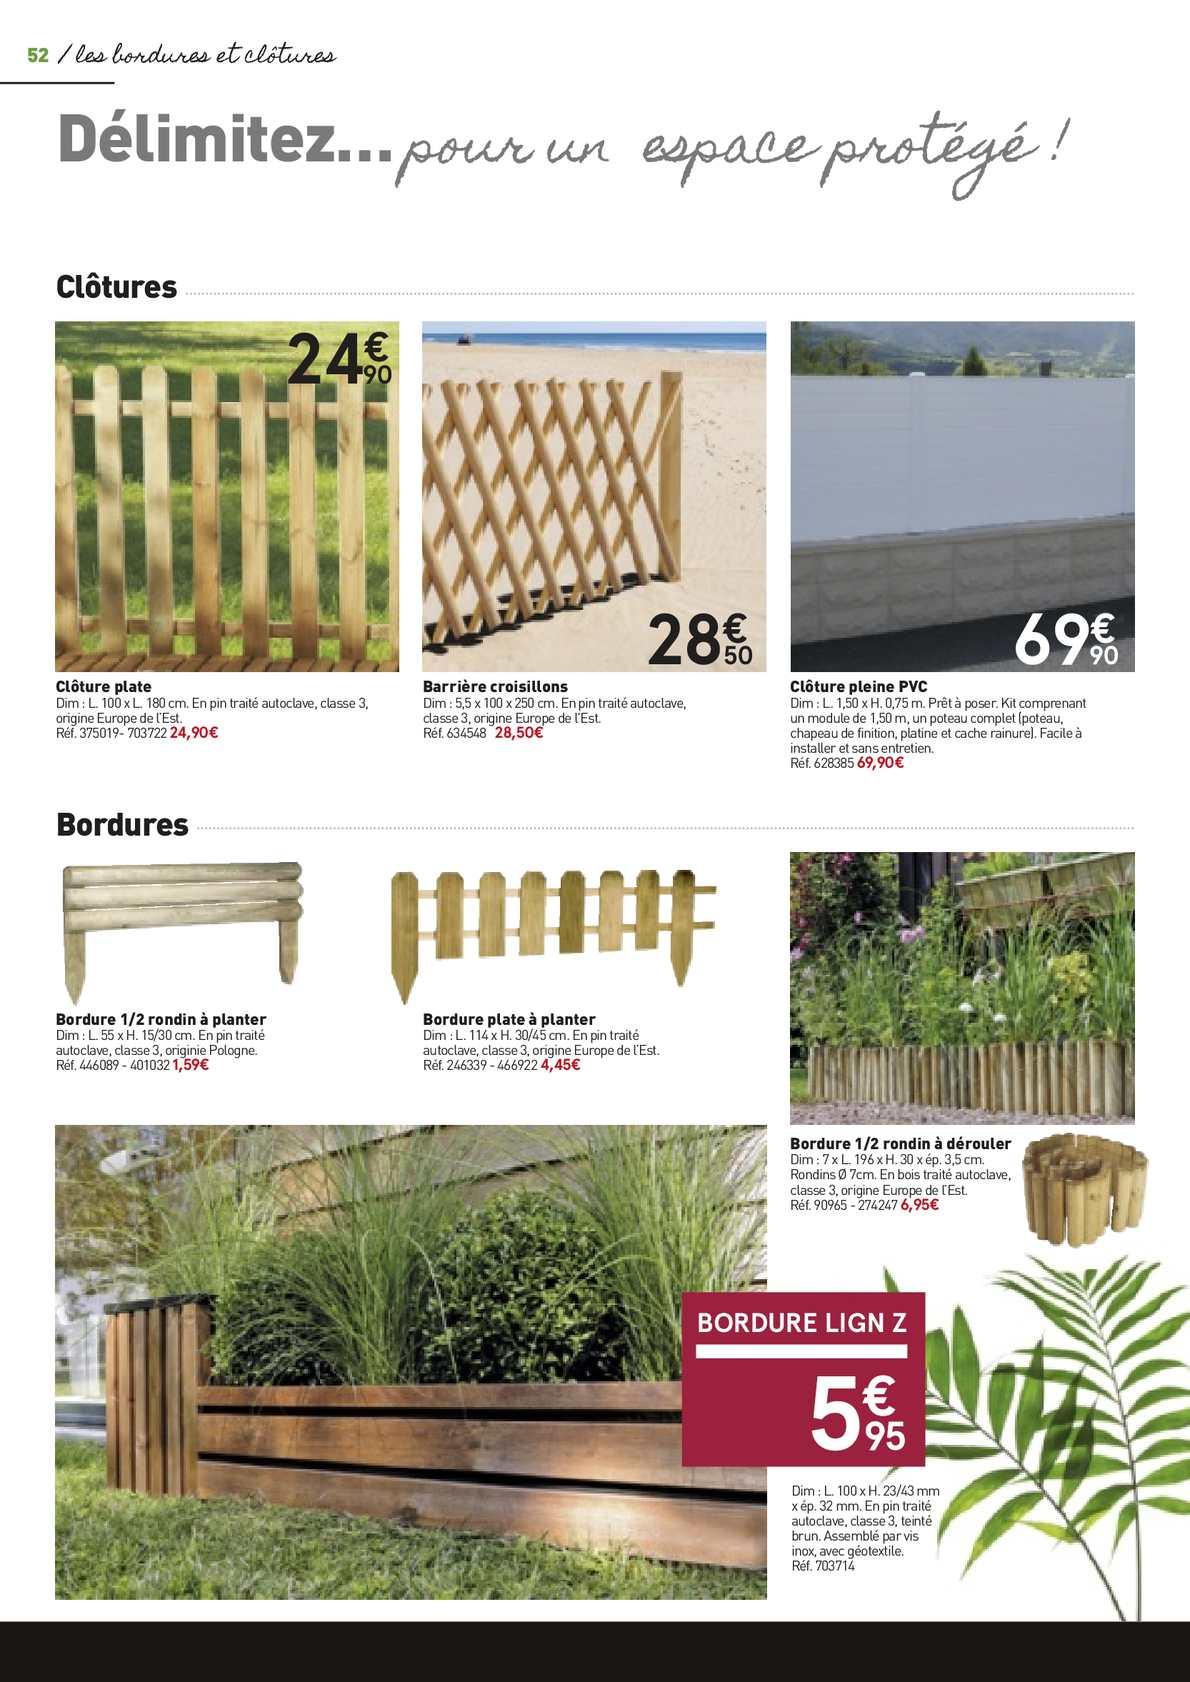 Guide Jardin - 84 Pages Bis - Calameo Downloader concernant Jardin En Kit Pret A Planter